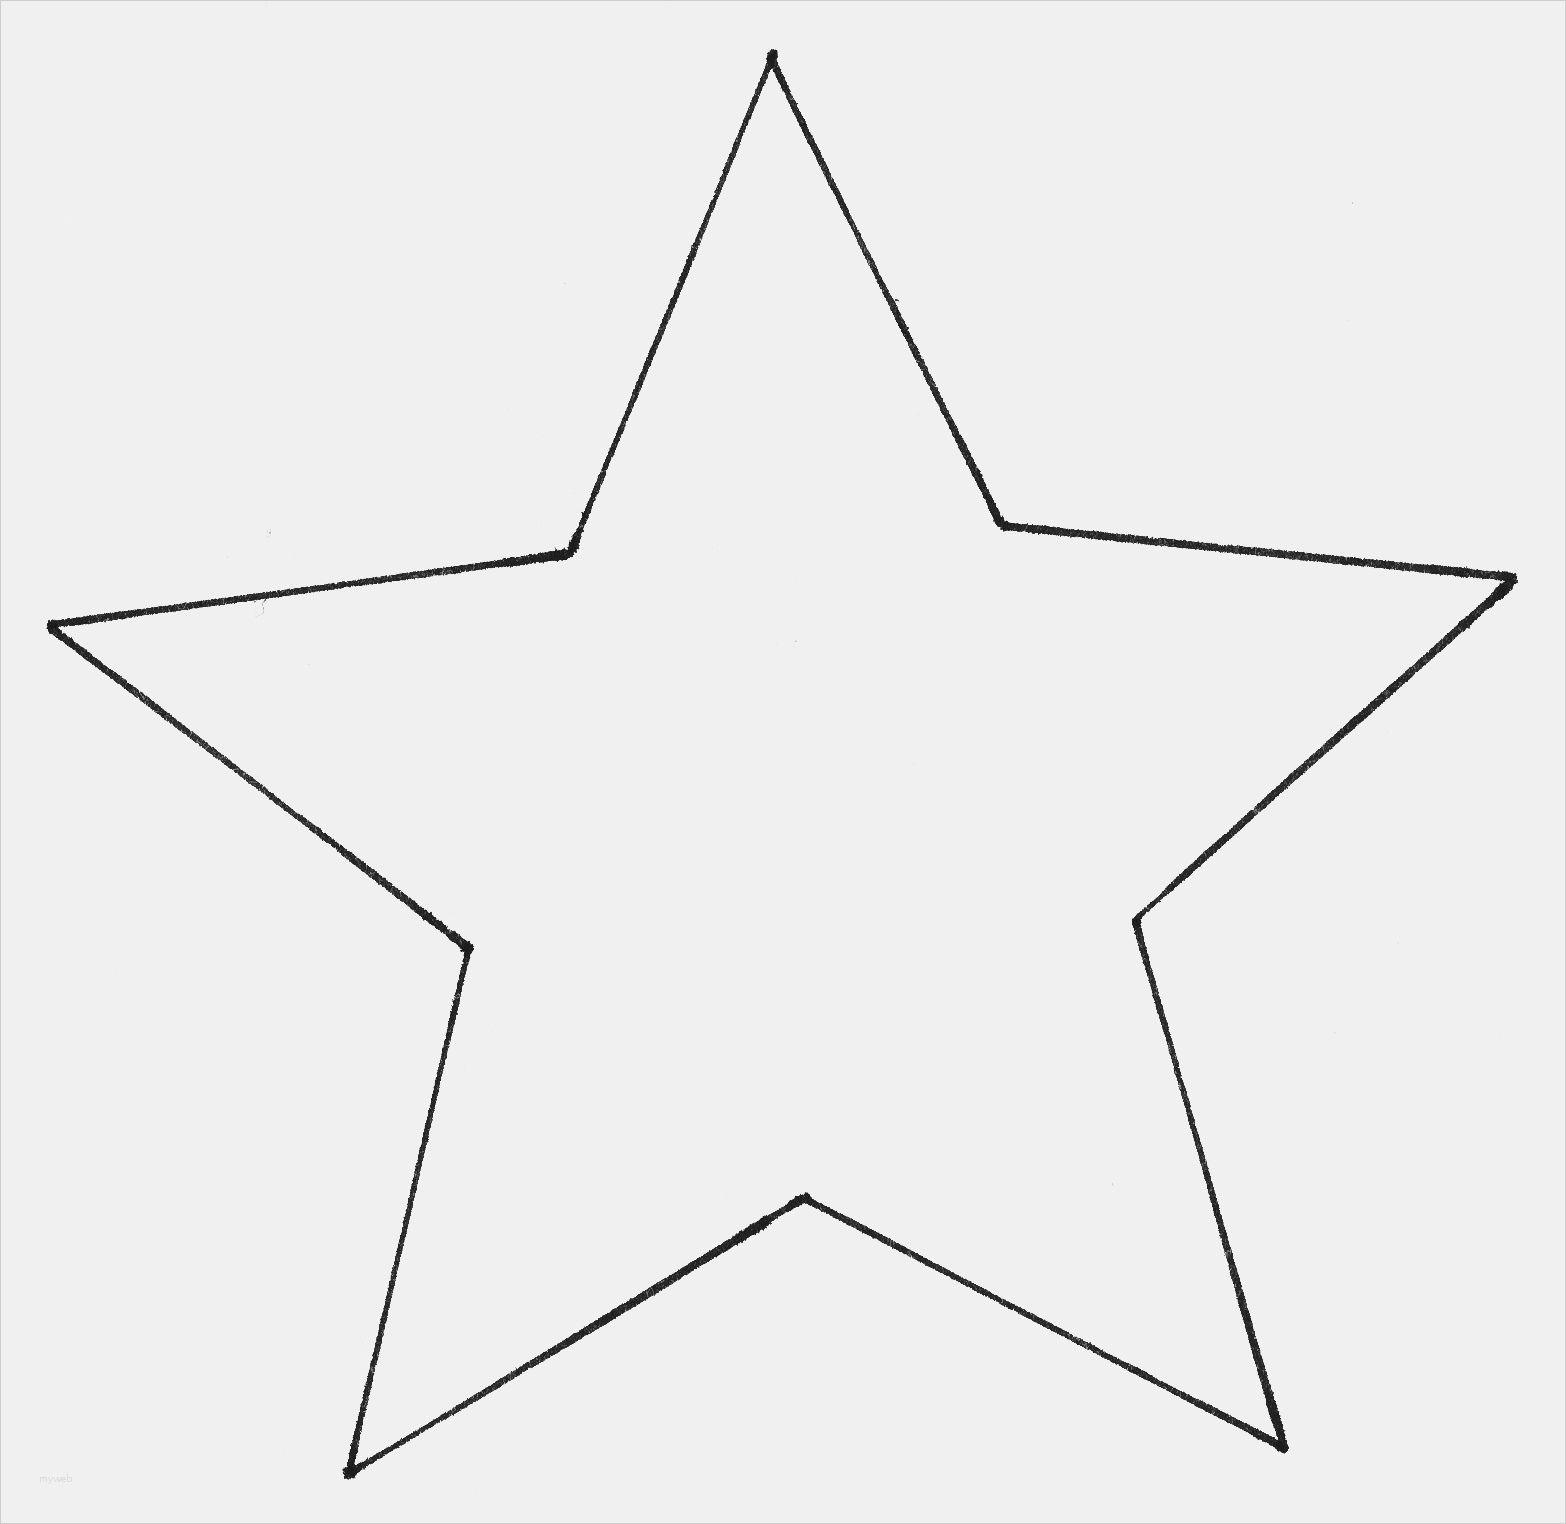 Schnittvorlage Stern